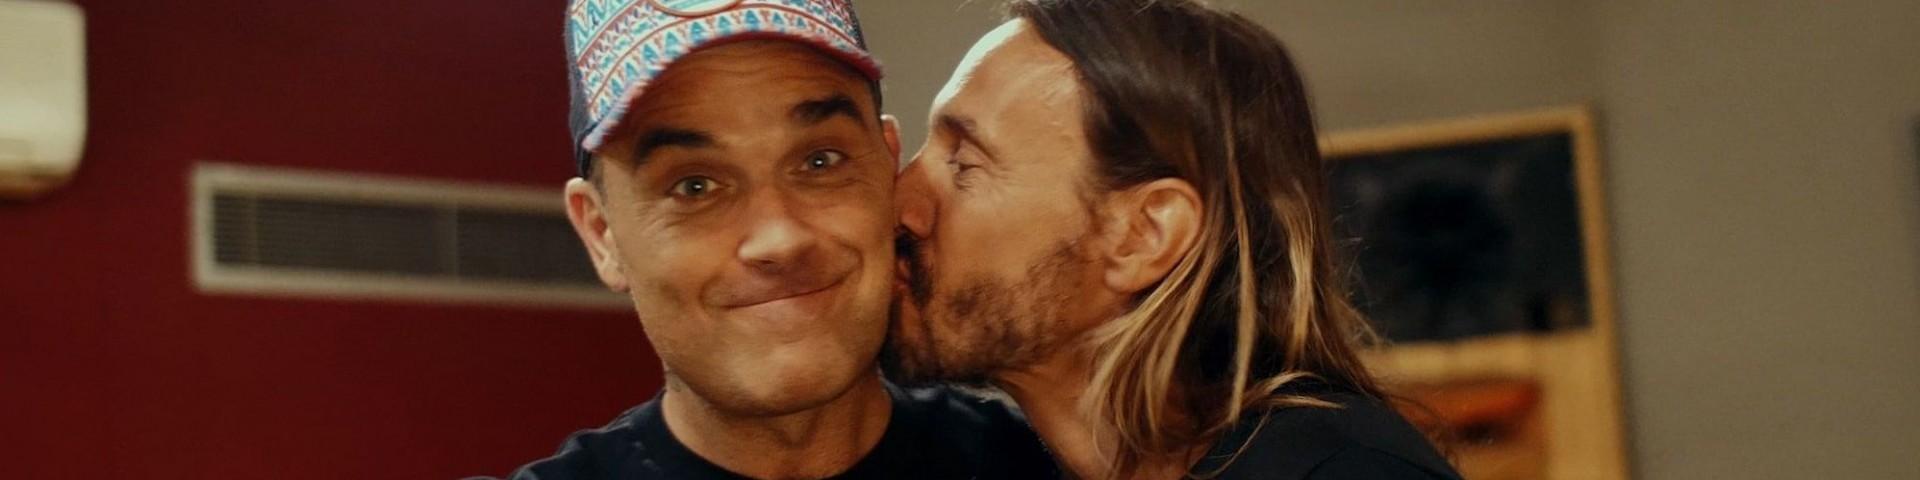 Bob Sinclar e Robbie Williams, Electrico Romantico. Testo, video, autori e come acquistare